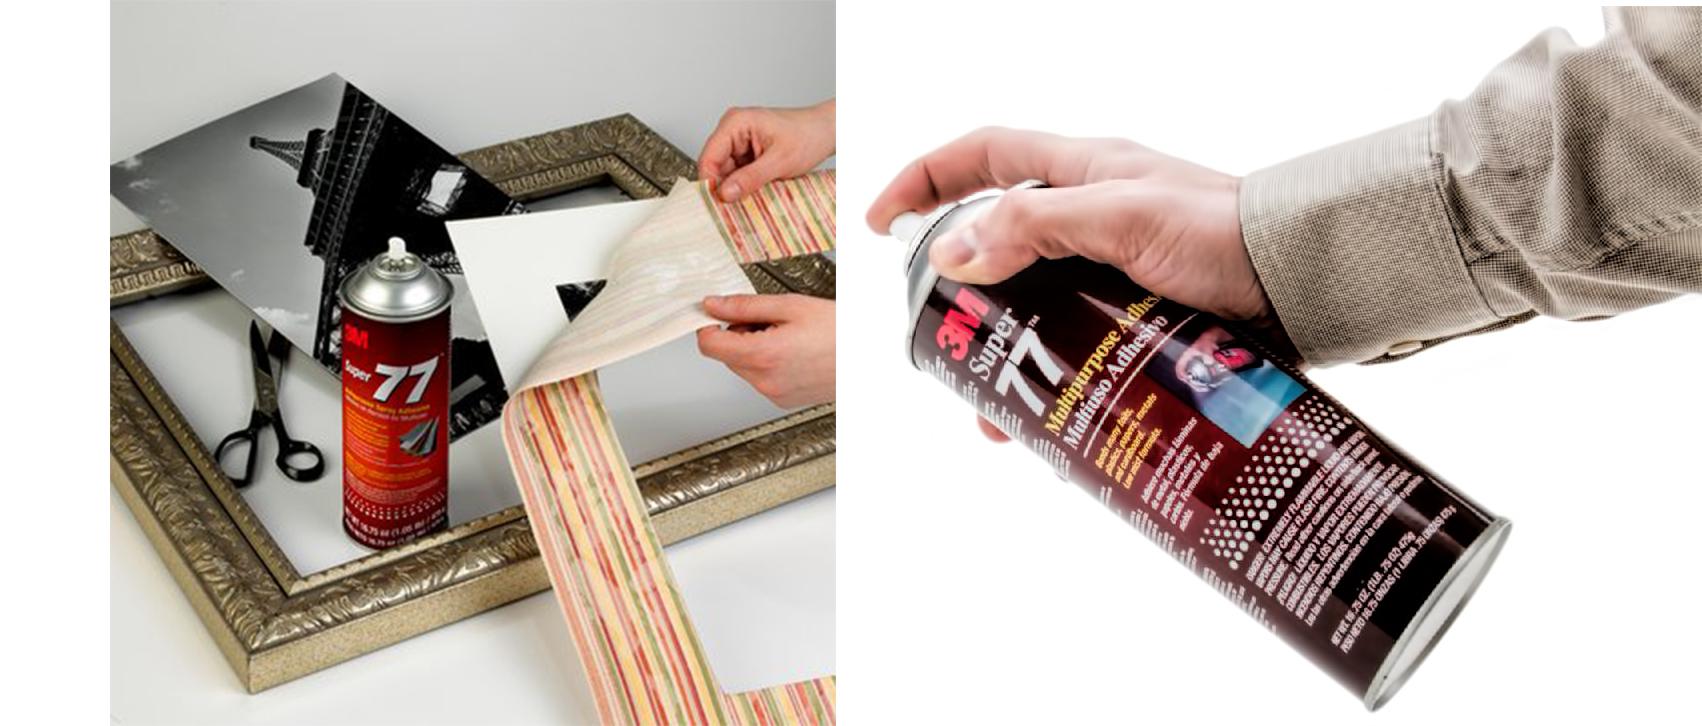 материалы компании 3м клейкие ленты, застежки, адгезивы